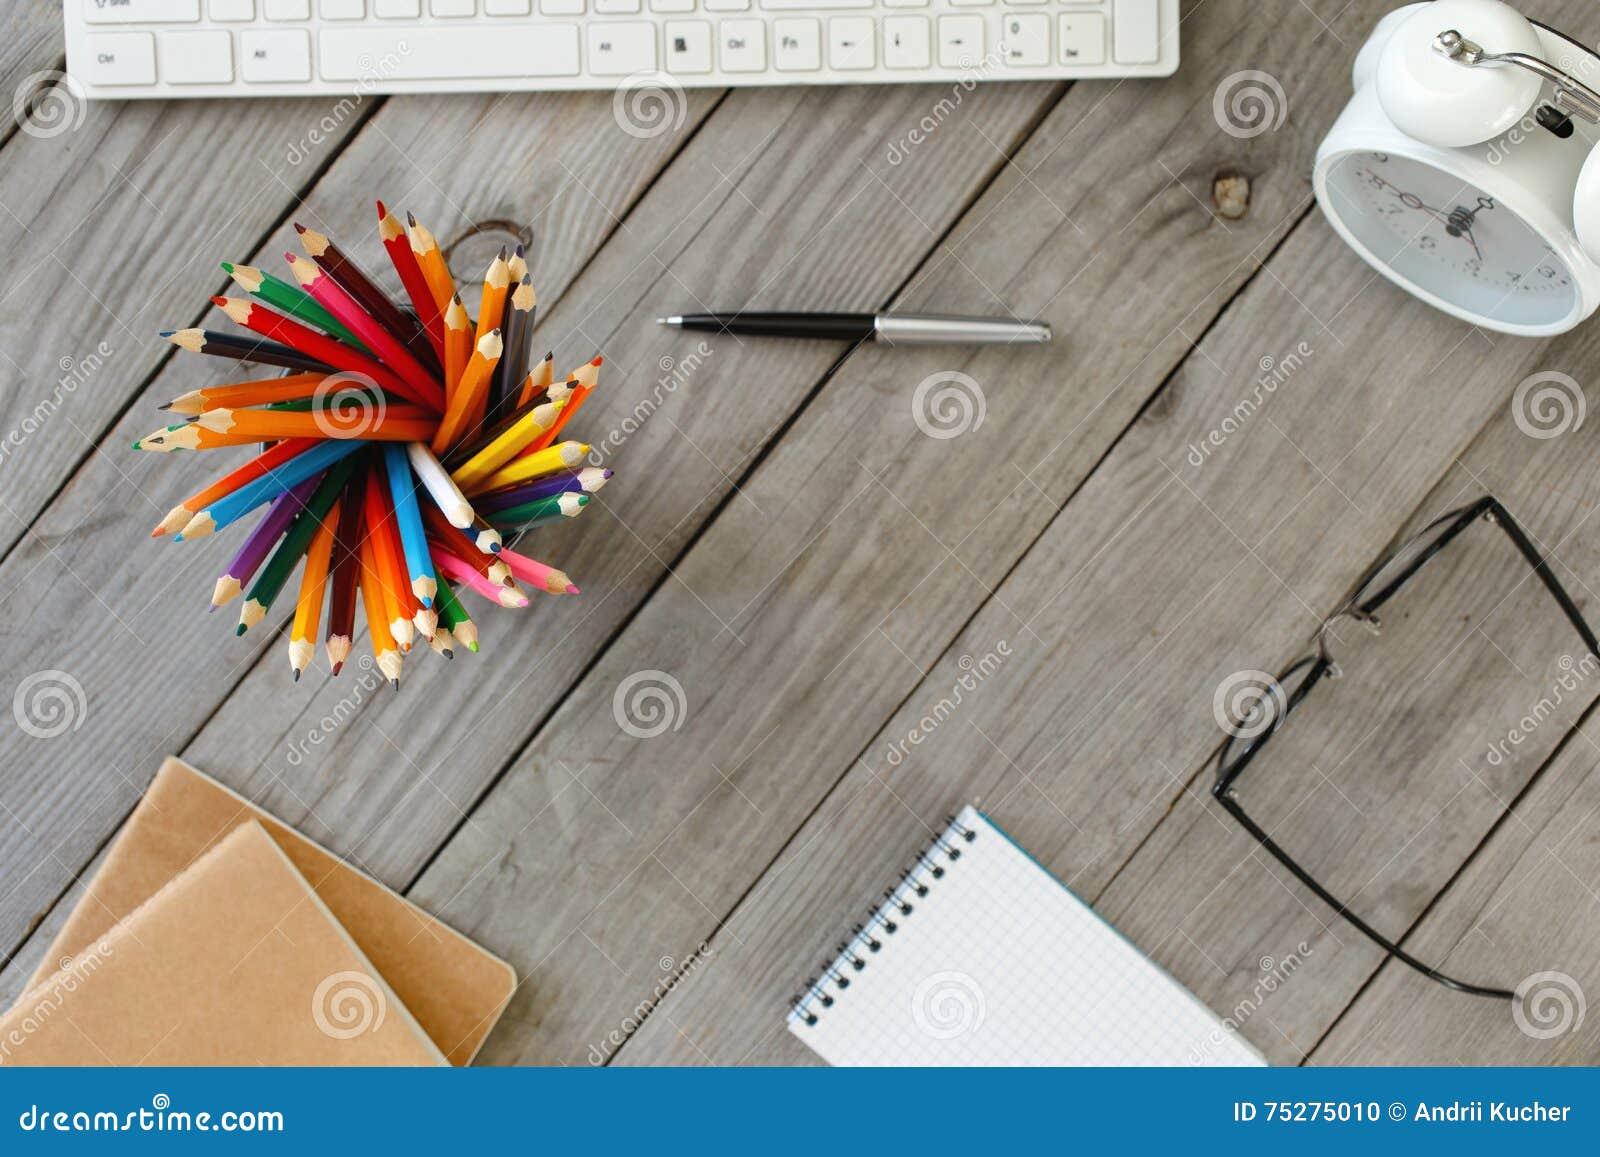 Χρωματισμένα μολύβια στον ξύλινο πίνακα σε ένα Υπουργείο Εσωτερικών σχεδιαστών